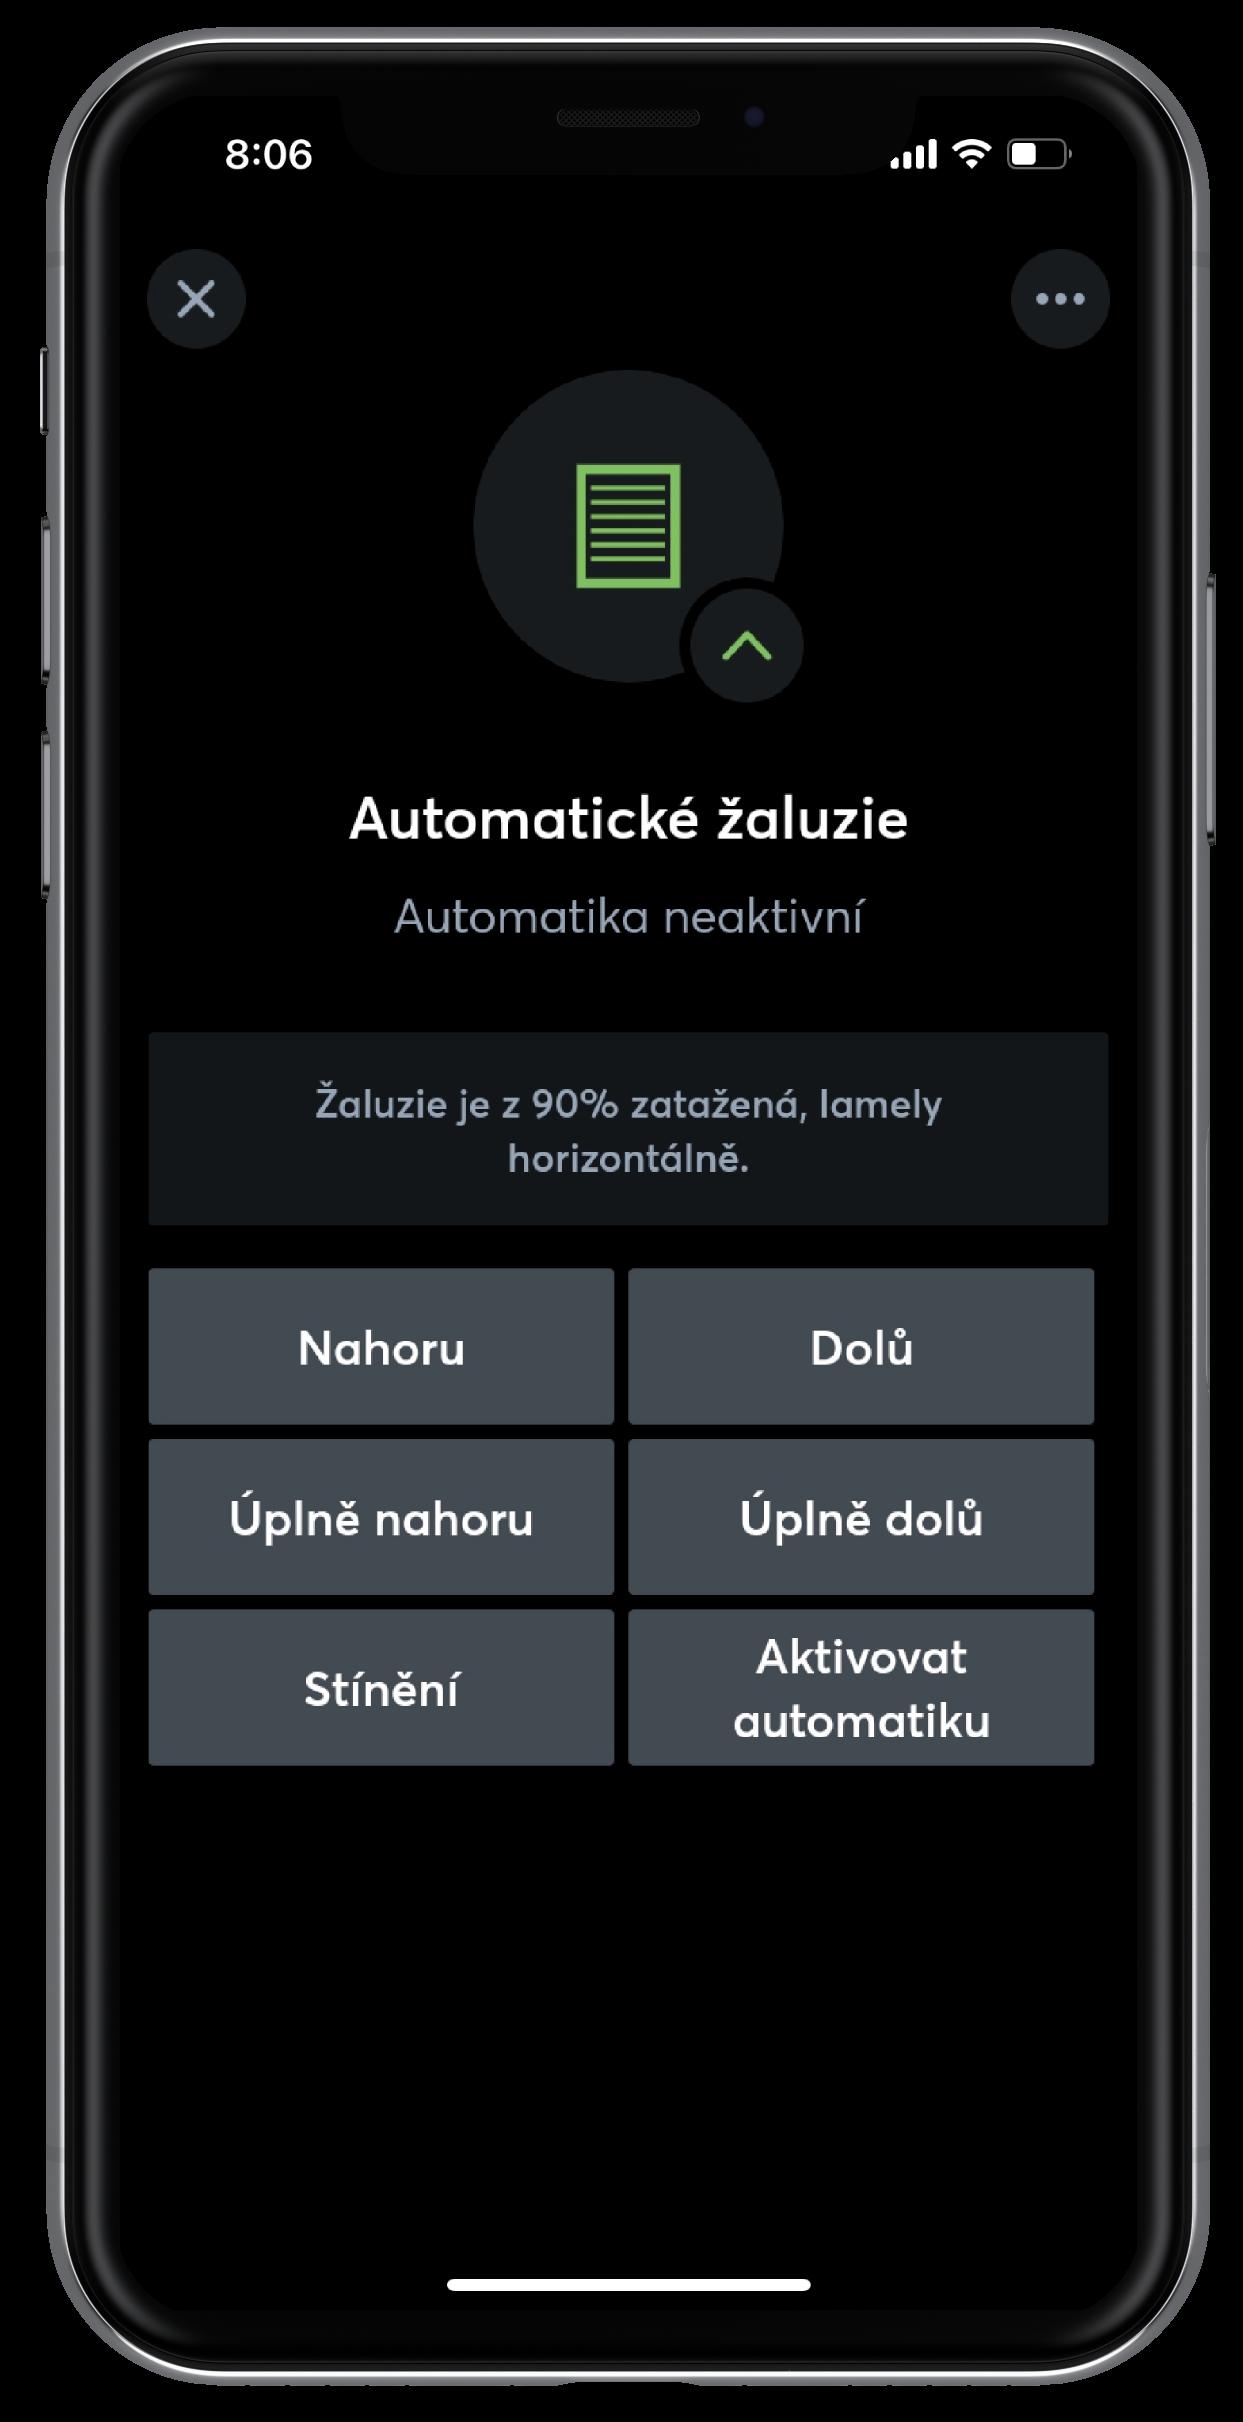 Automatické žaluzie v App